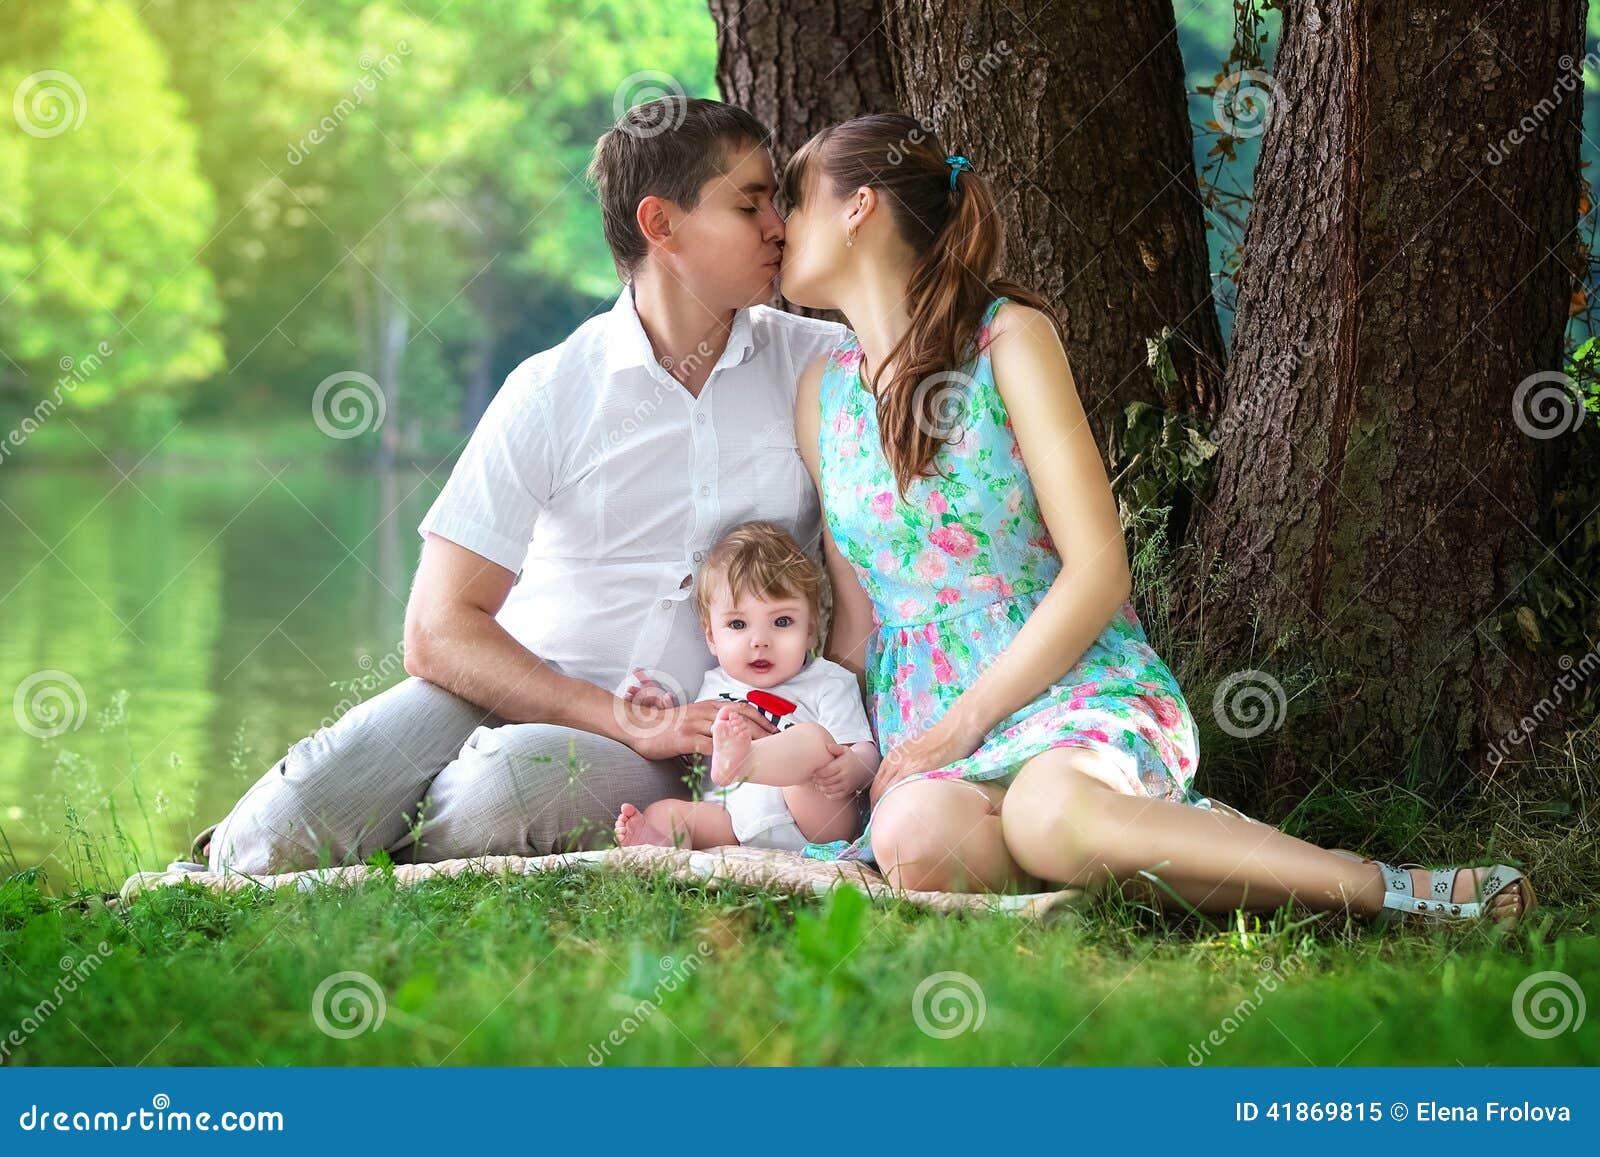 Счастливая семья в лесу - мама, папа и две девочки 45